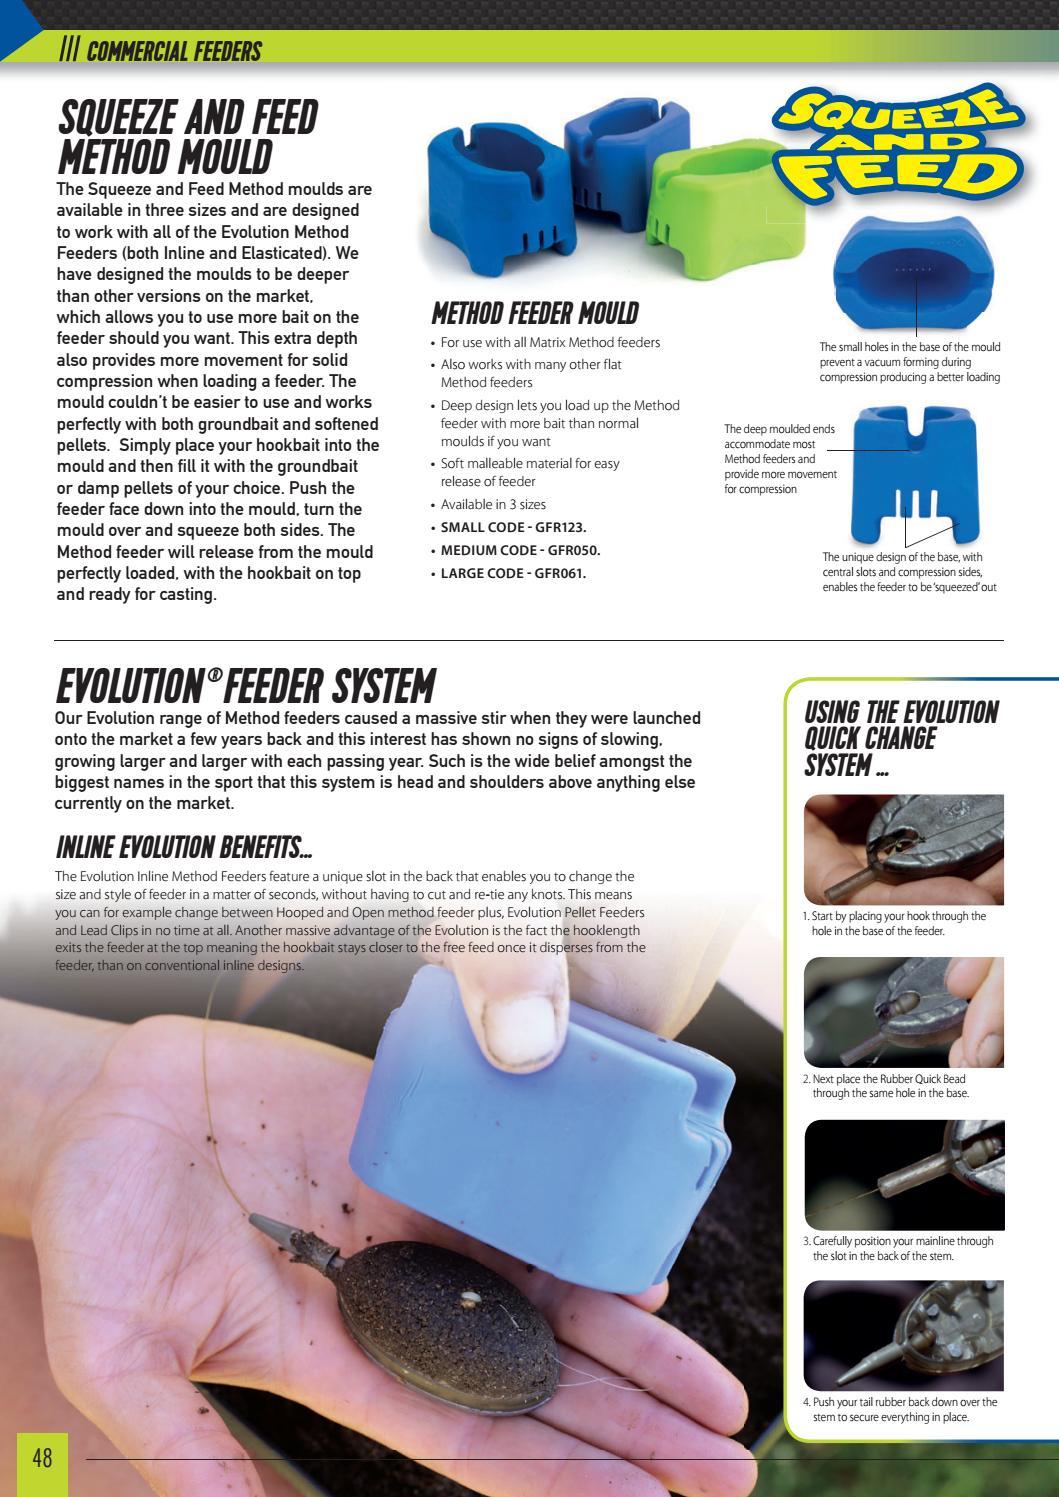 Matrix Method Feeder Mould Large